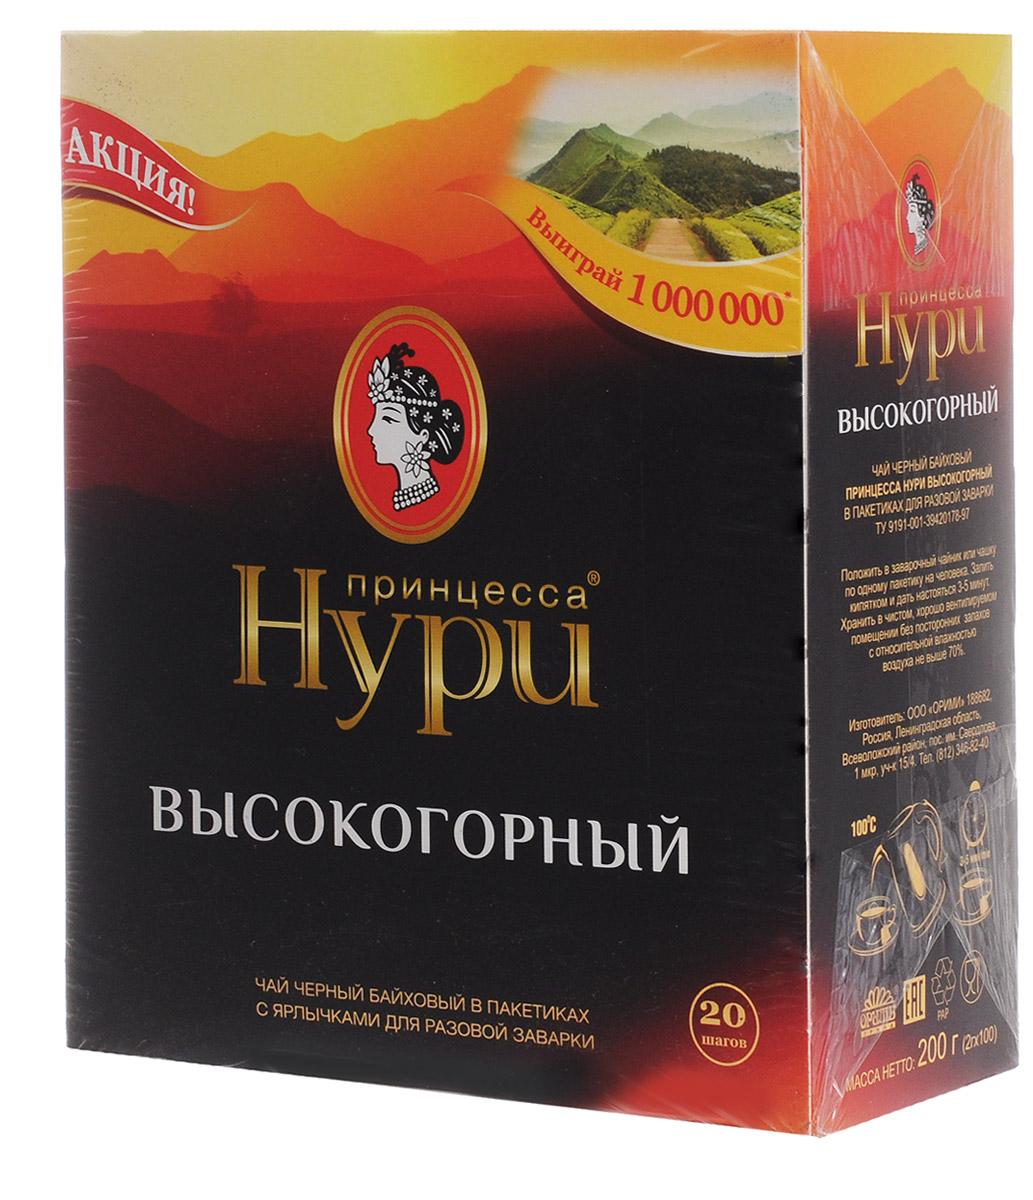 Принцесса Нури Высокогорный черный чай в пакетиках, 100 шт0201-18Пакетированный черный чай Принцесса Нури Высокогорный - это крепкий тонизирующий чай, выращенный на горных плантациях Цейлона и Индии. Свежий вкус и тонкий аромат этого чая подарят бодрость и хорошее настроение. Кажется, что в каждой чашке этого чая сконцентрирована энергия солнца - энергия самой природы.